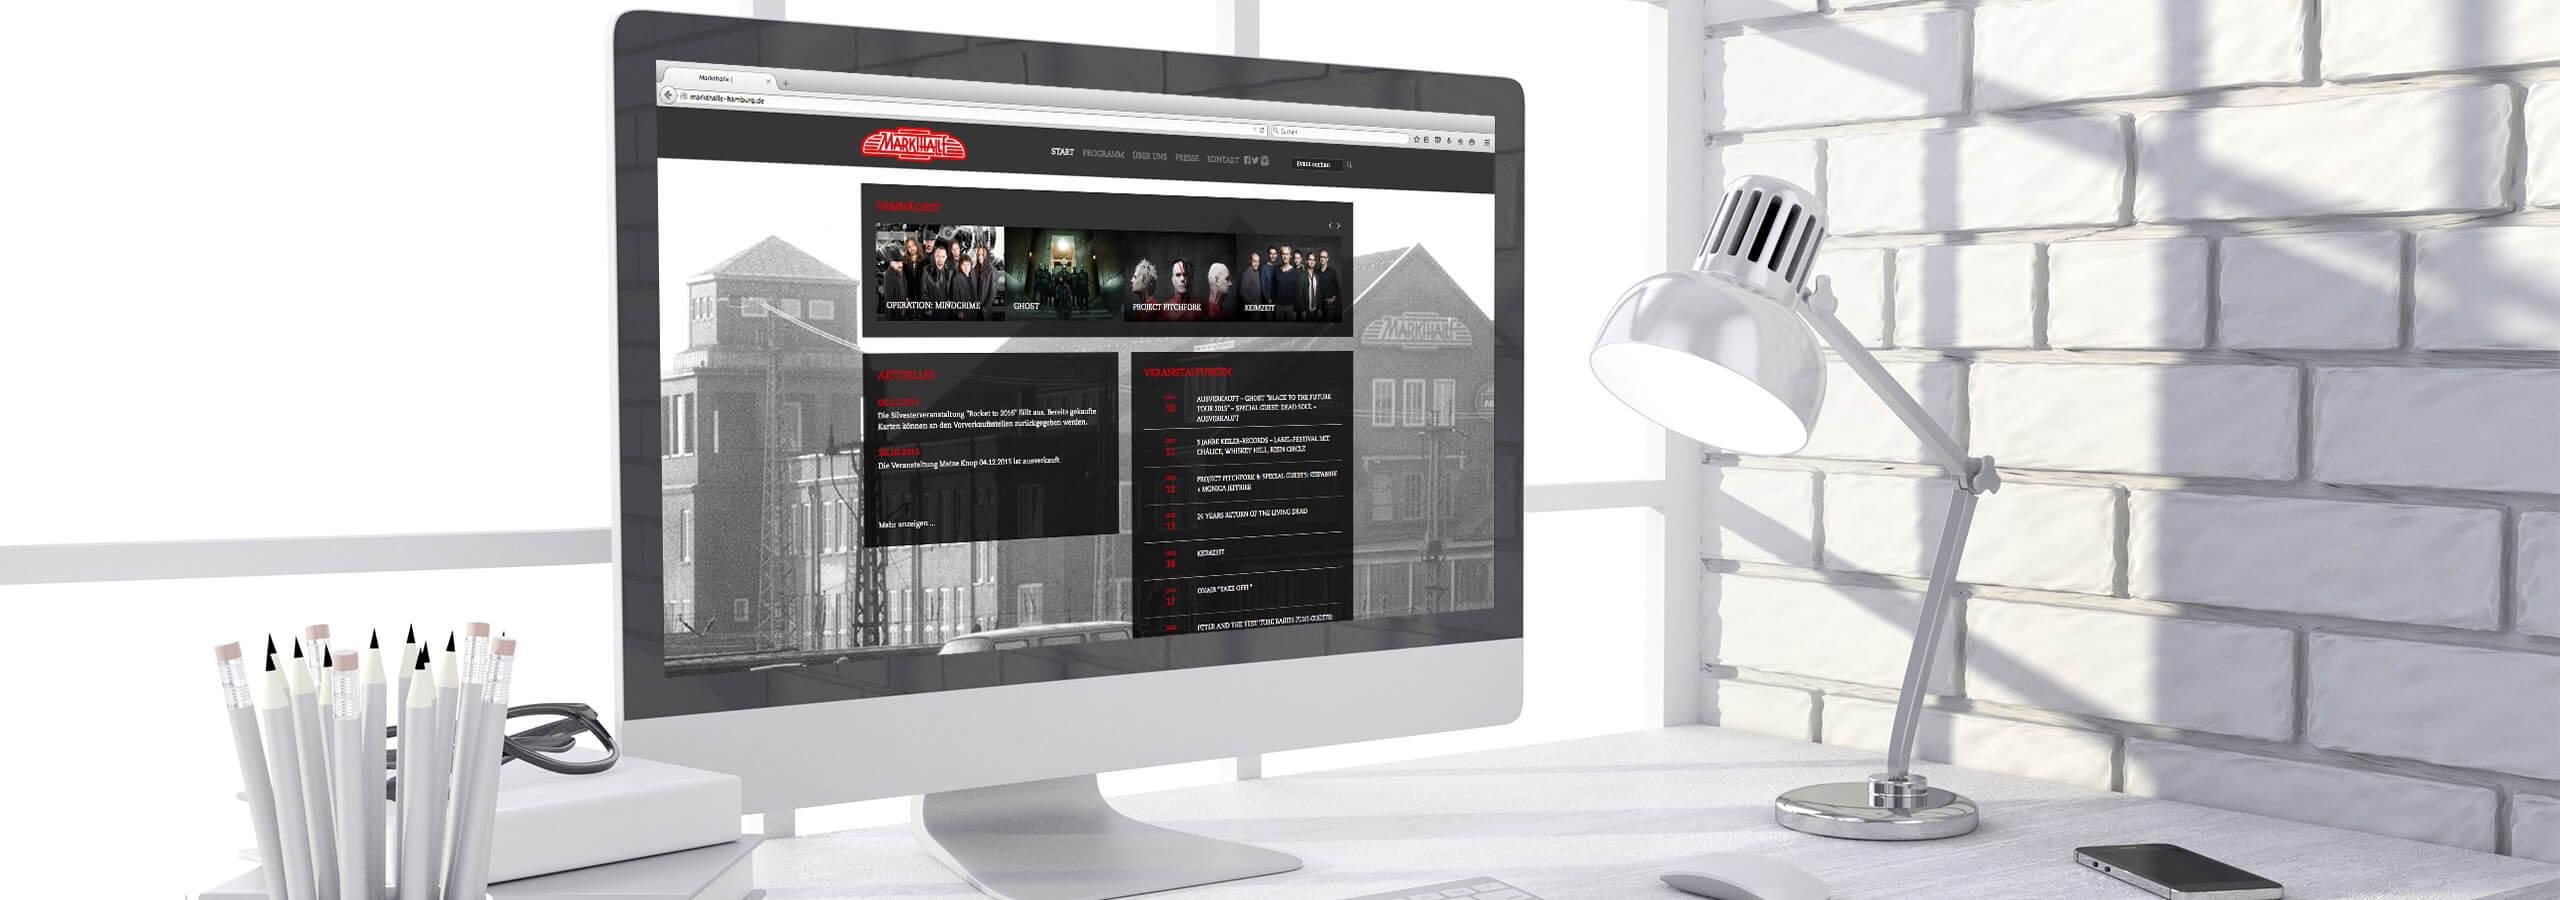 Webdesign für Veranstaltungszentrum